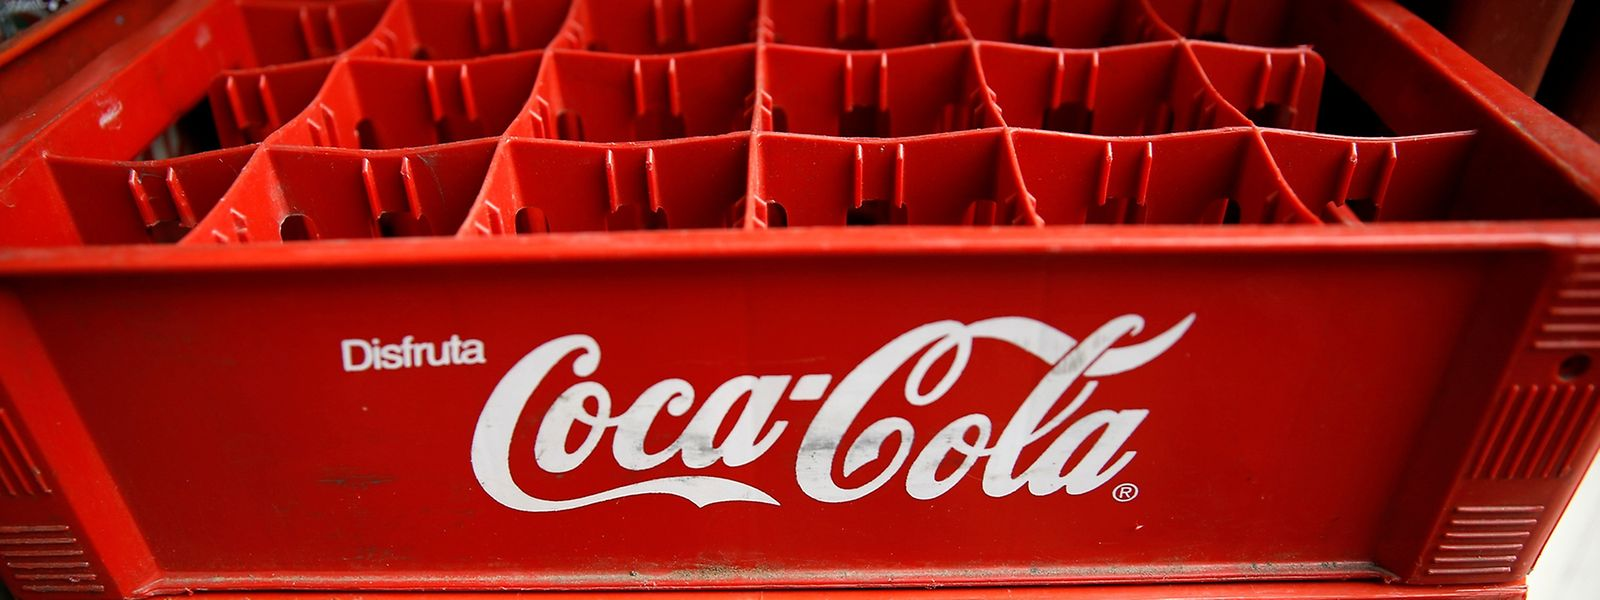 Leere Cola-Kästen: Weil der Rohstoff Zucker fehlt, muss die Produktion zeitweise eingestellt werden.